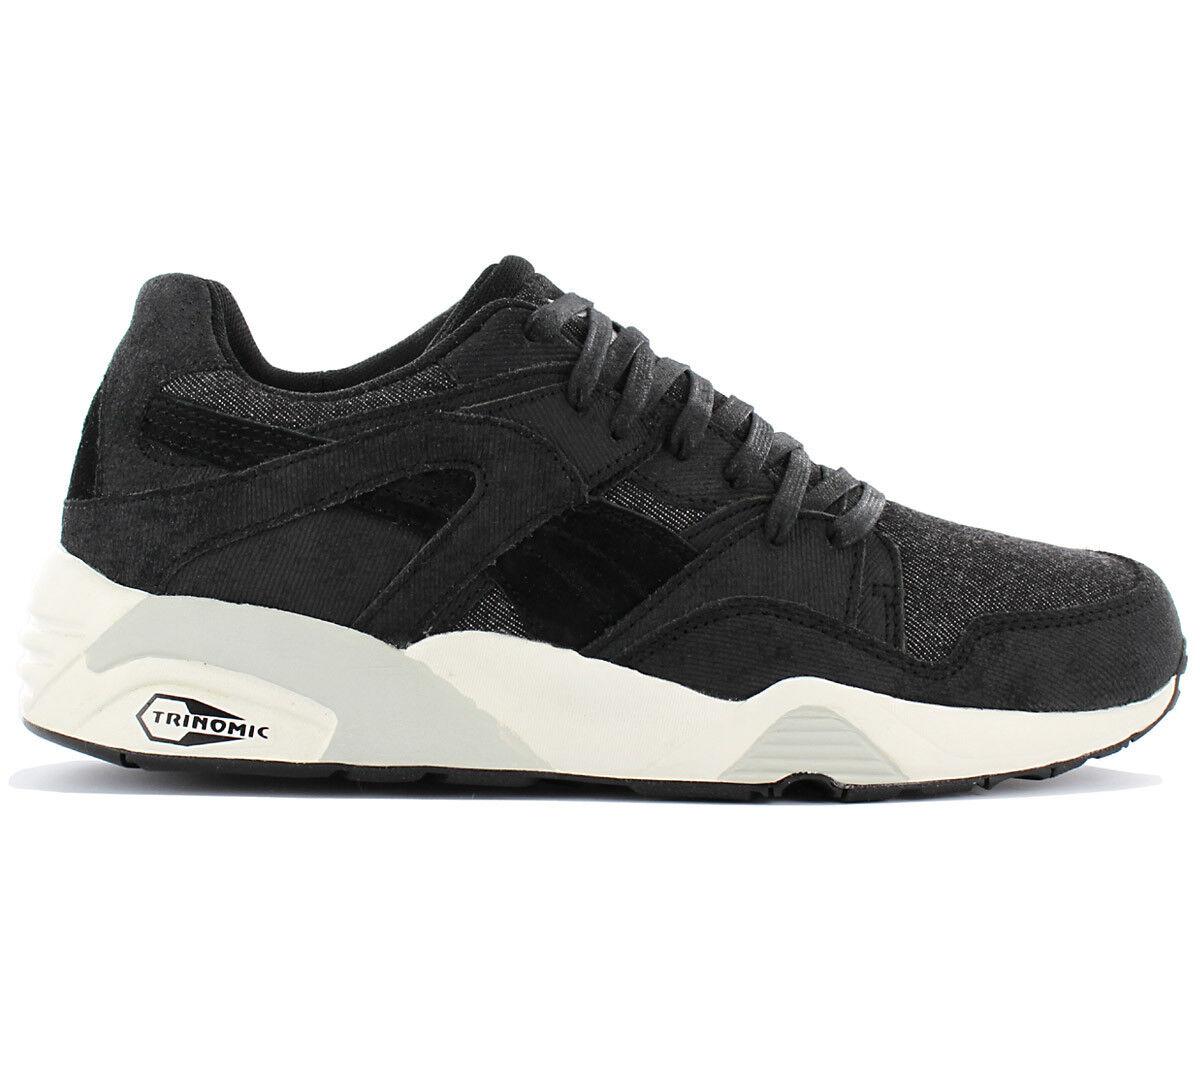 Puma trinomic Blaze denim Zapatillas gimnasio Zapatos de hombre negro 362513-01 gimnasio Zapatillas zapato nuevo especial de tiempo limitado fa5981